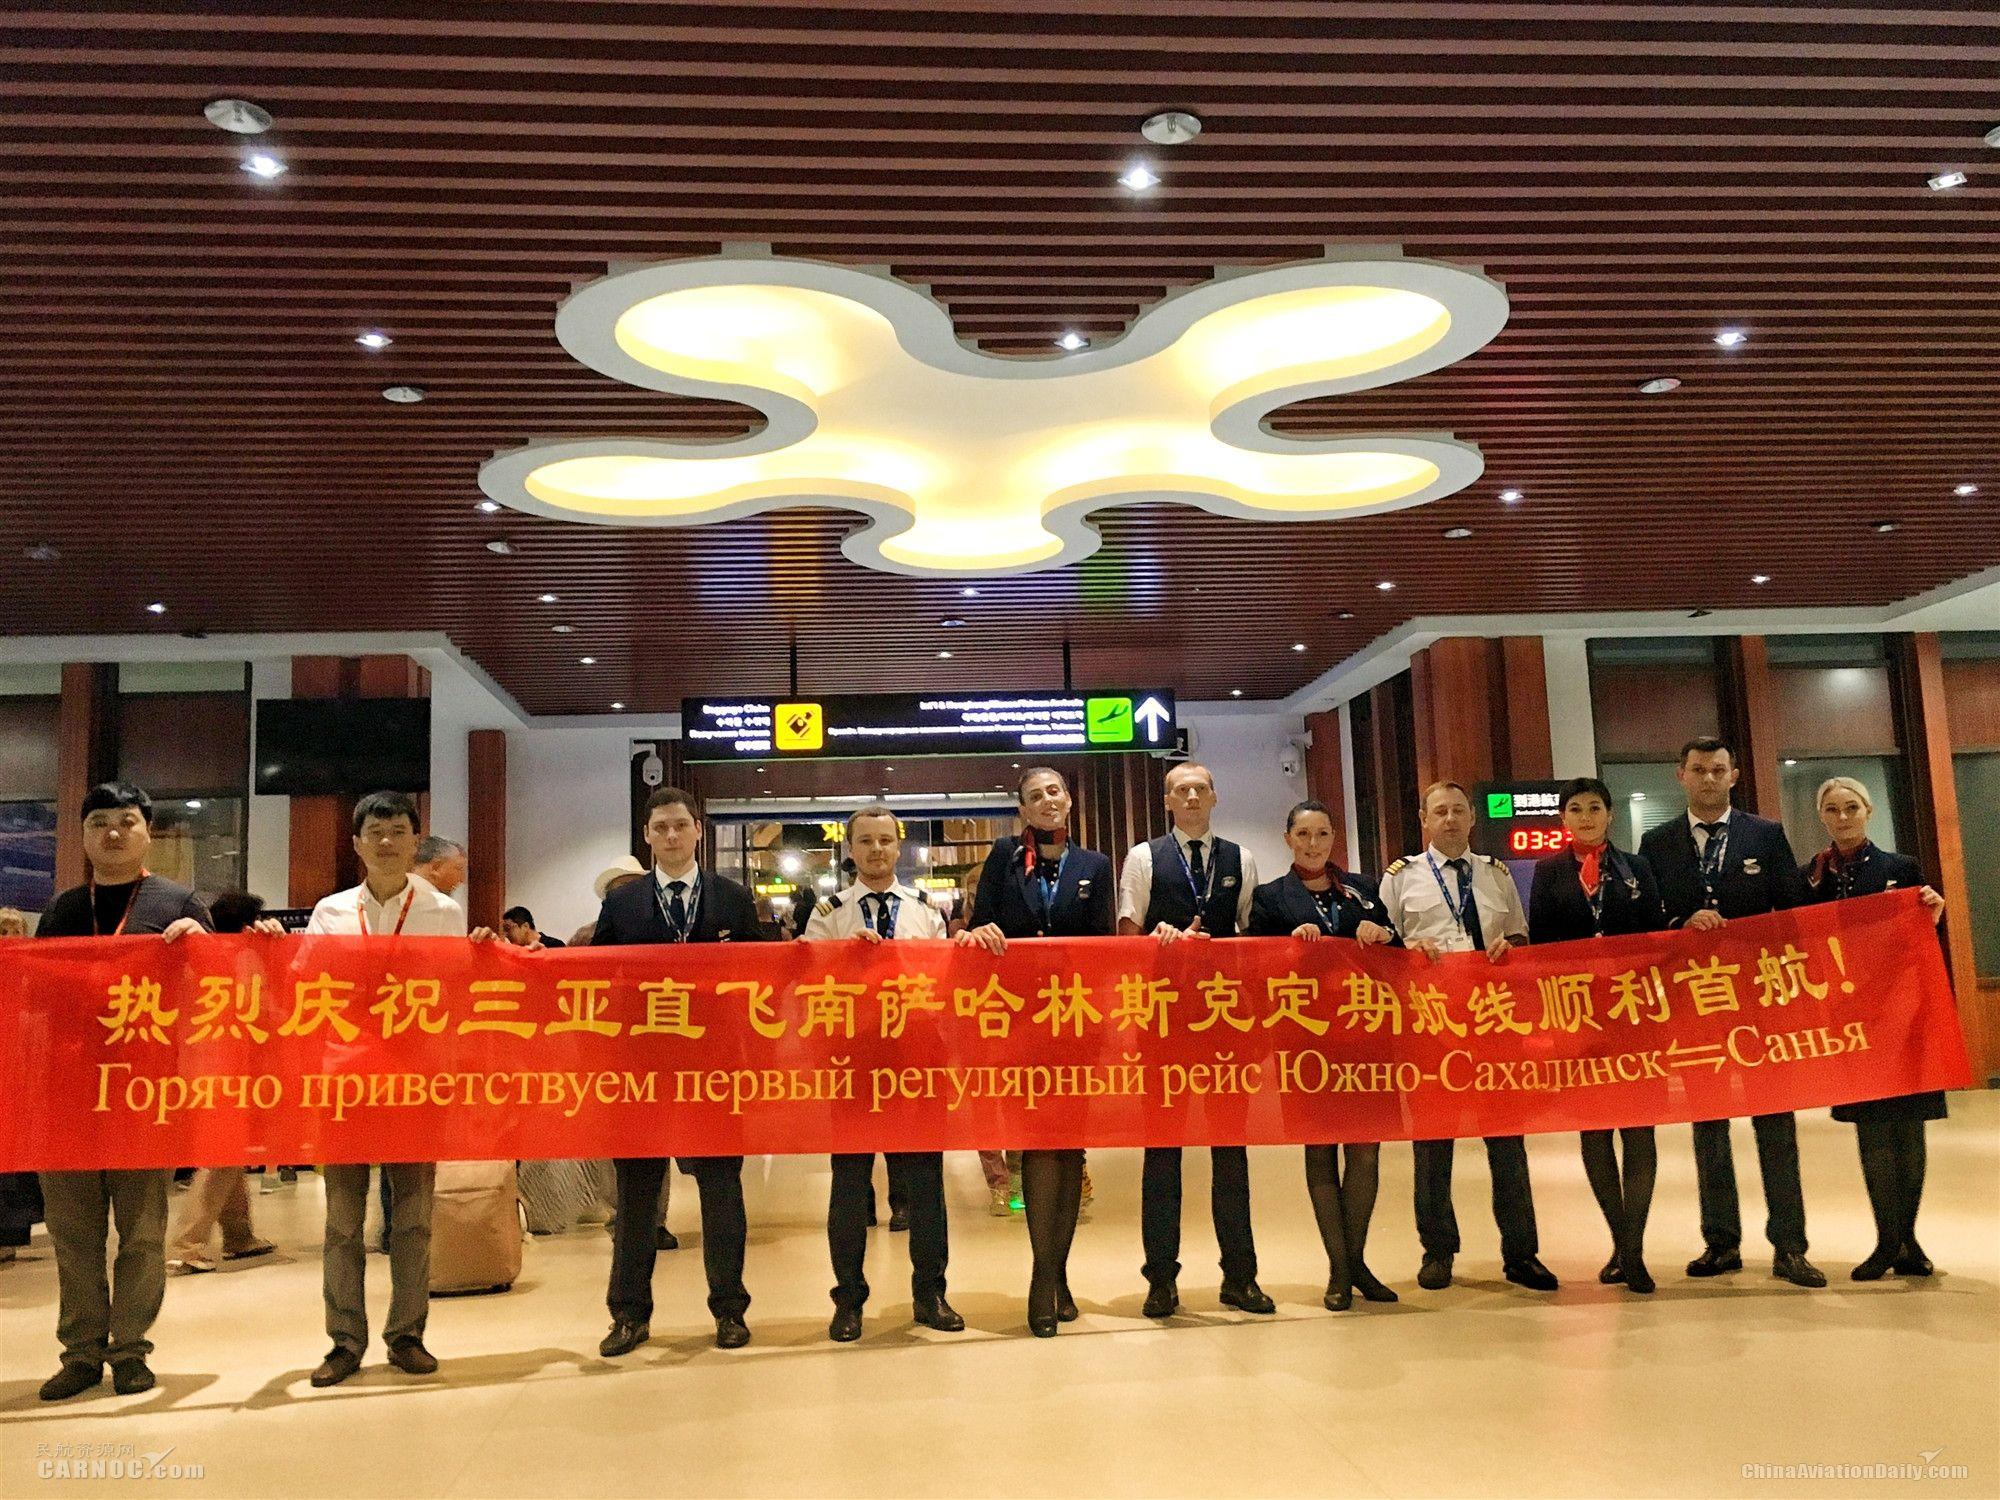 """三亚机场正式开通""""三亚=南萨哈林斯克""""定期航线"""